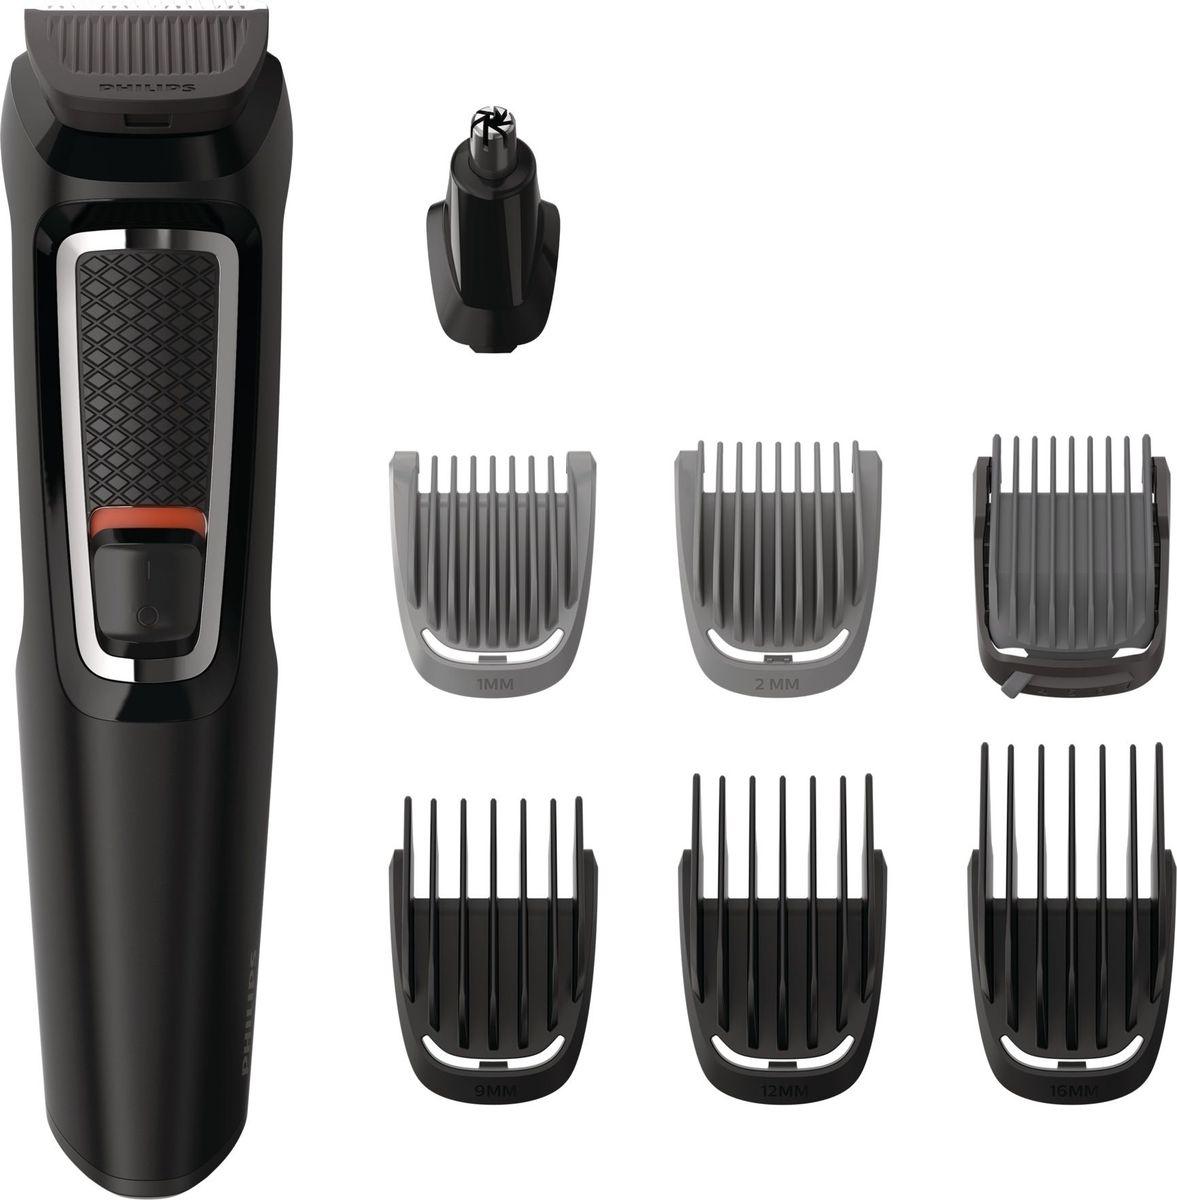 Philips MG3730/15, Black универсальный триммерMG3730/15Универсальный триммер 8-в-1. Вы в любое время можете сменить свой образ, используя этот надёжный универсальный триммер с 8-ю принадлежностями для лица и волос - он позволяет в точности воплотить задуманное. Чехол для удобства при хранении и в путешествиях в комплекте.Универсальность и легкость использования:Подравнивайте волосы на голове и лице и создавайте свой стиль с 8 принадлежностямиТриммер стрижет волосы и создает контуры бороды для завершения образаТриммер для носа бережно удаляет нежелательные волоски в носу и ушах6 гребней для подравнивания волос на лице и головеДо 60 минут автономной работы после зарядкиНасадки удобно промывать